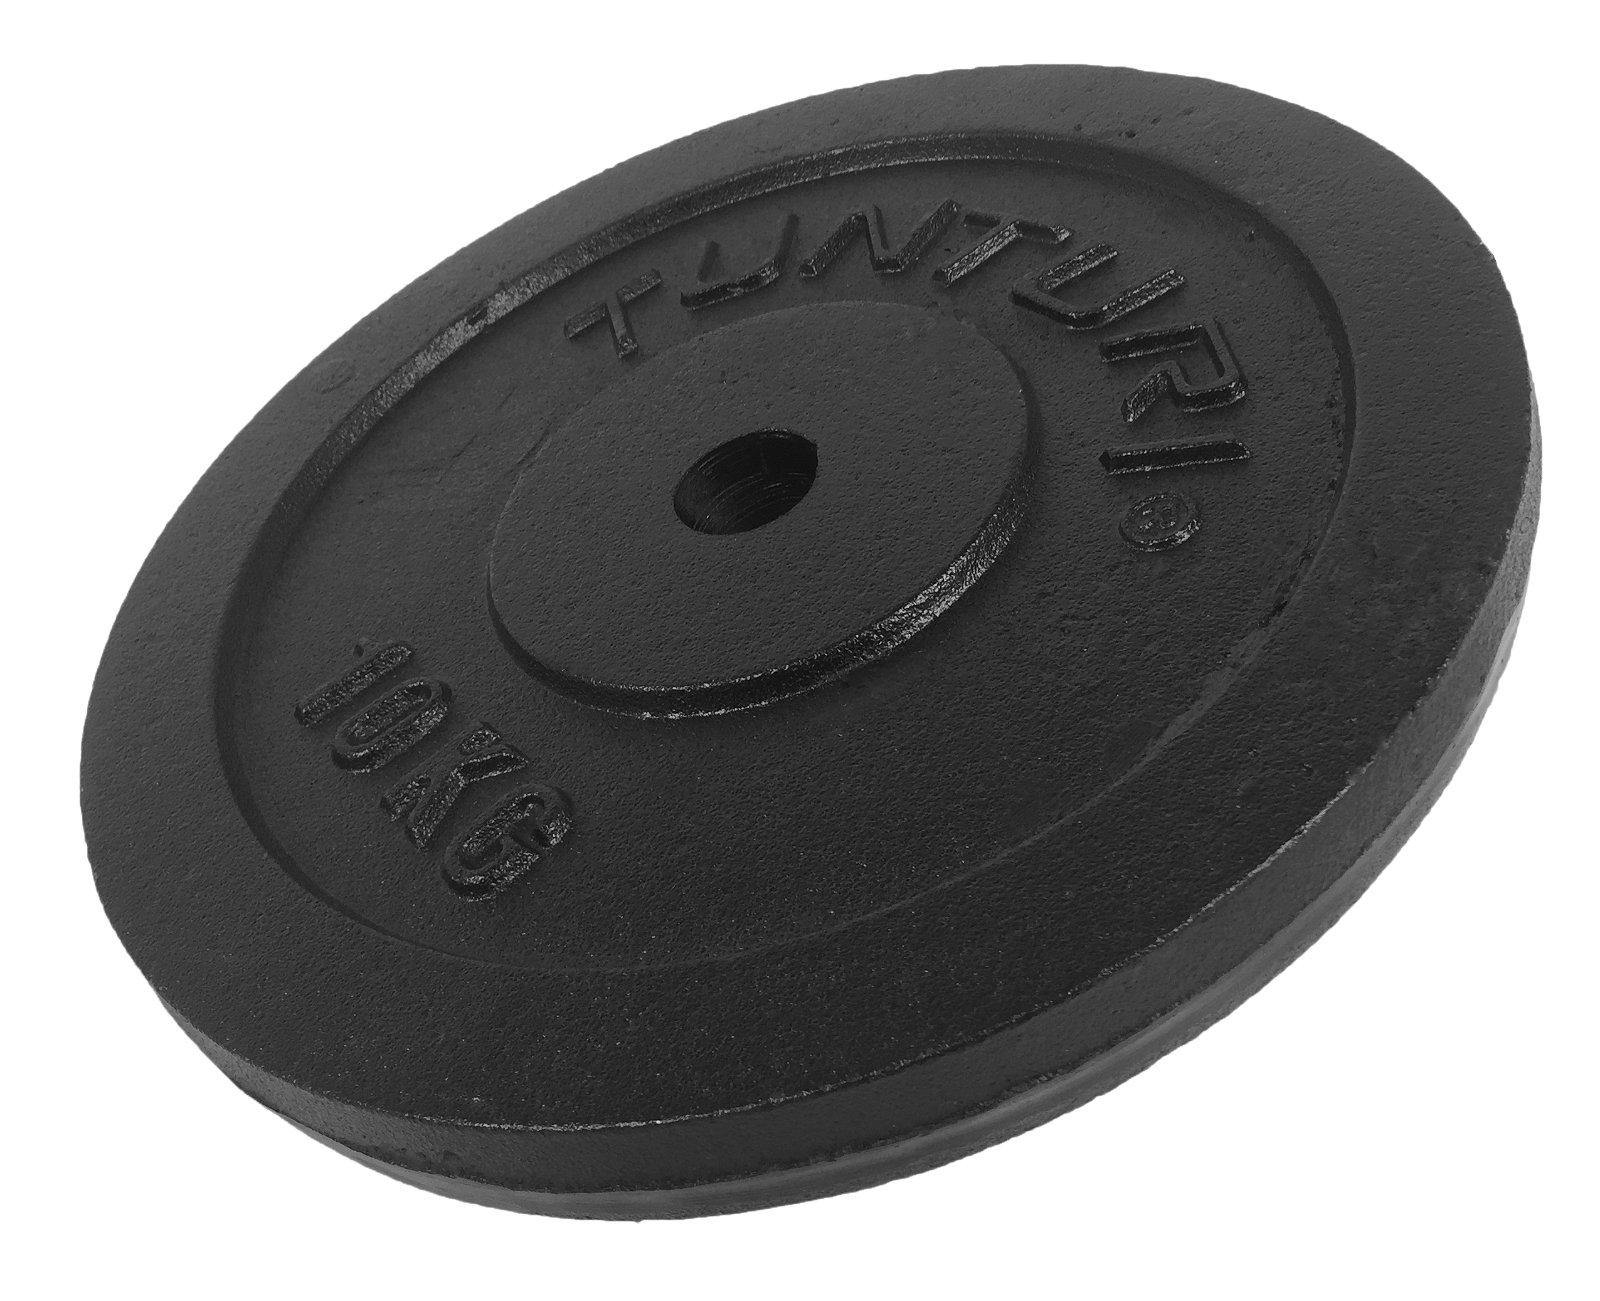 Tunturi Plate Black 10kg, Single